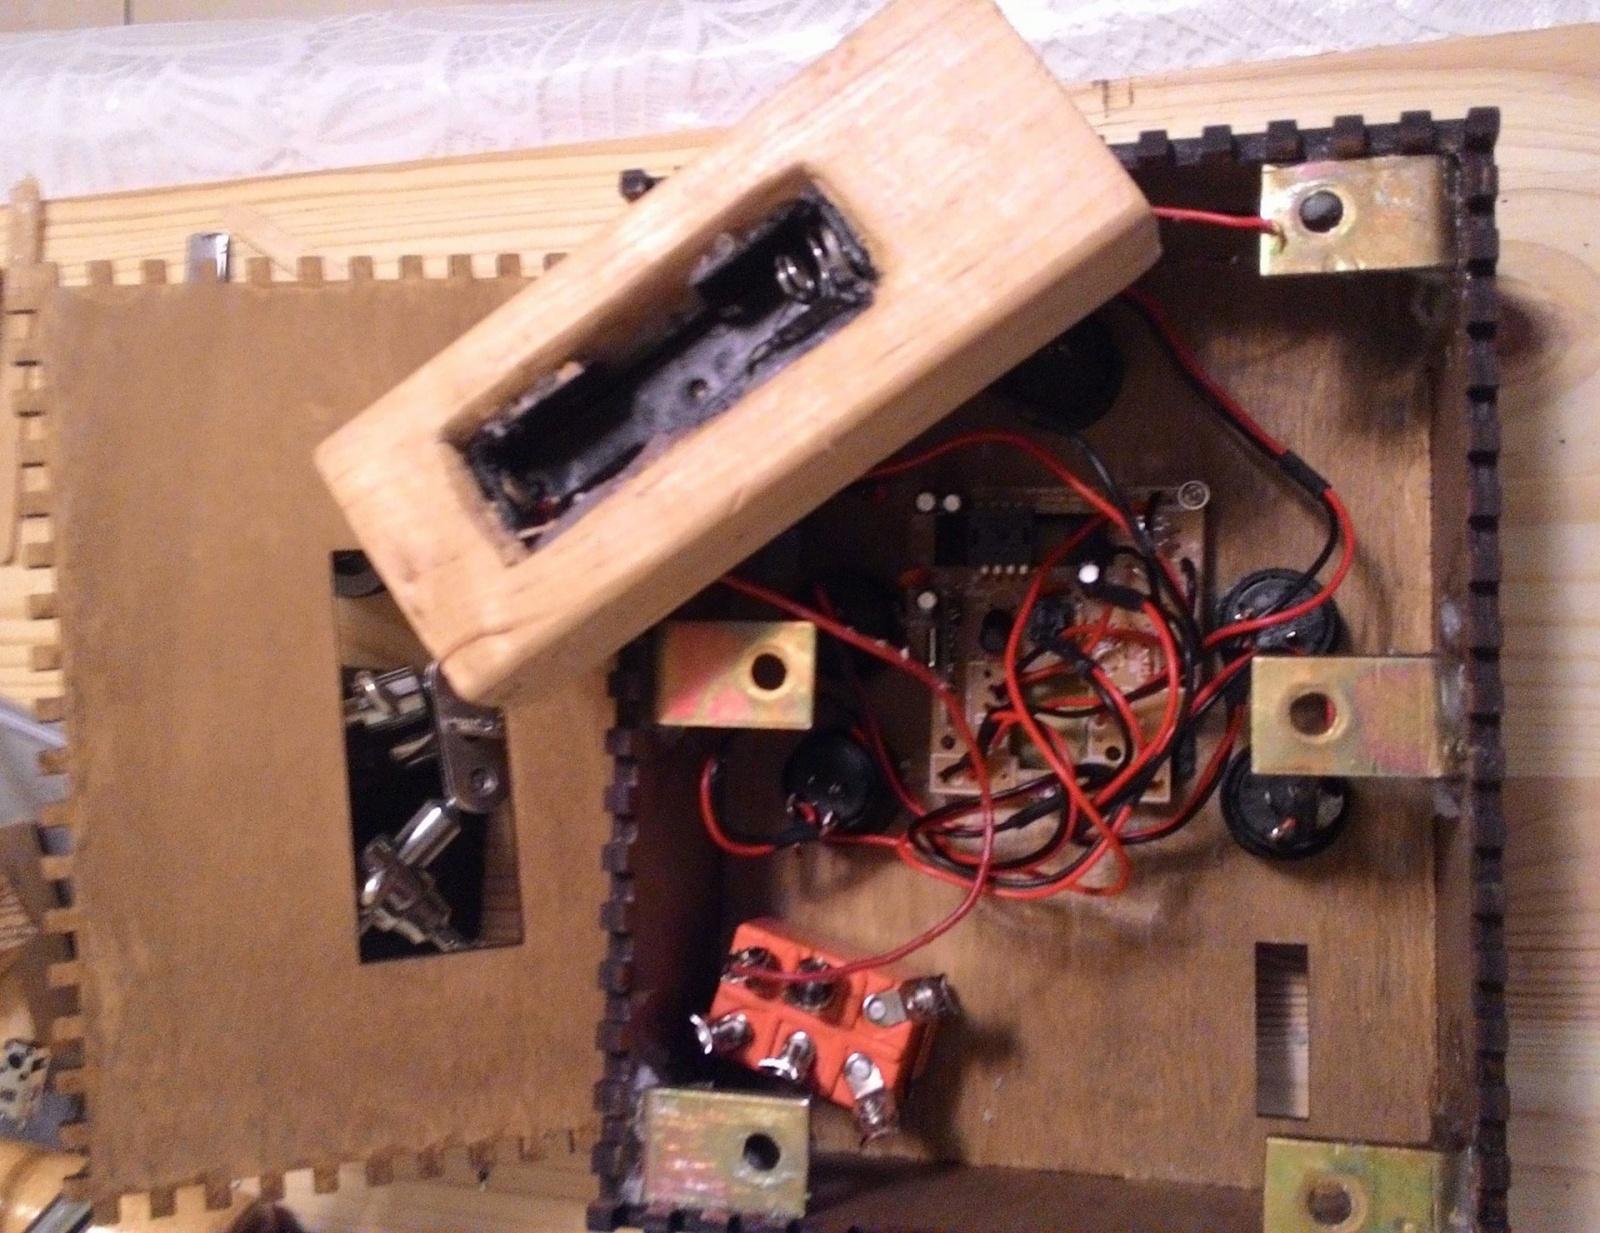 Извращенный подход к использованию мыши при создании тифлоплеера - 8